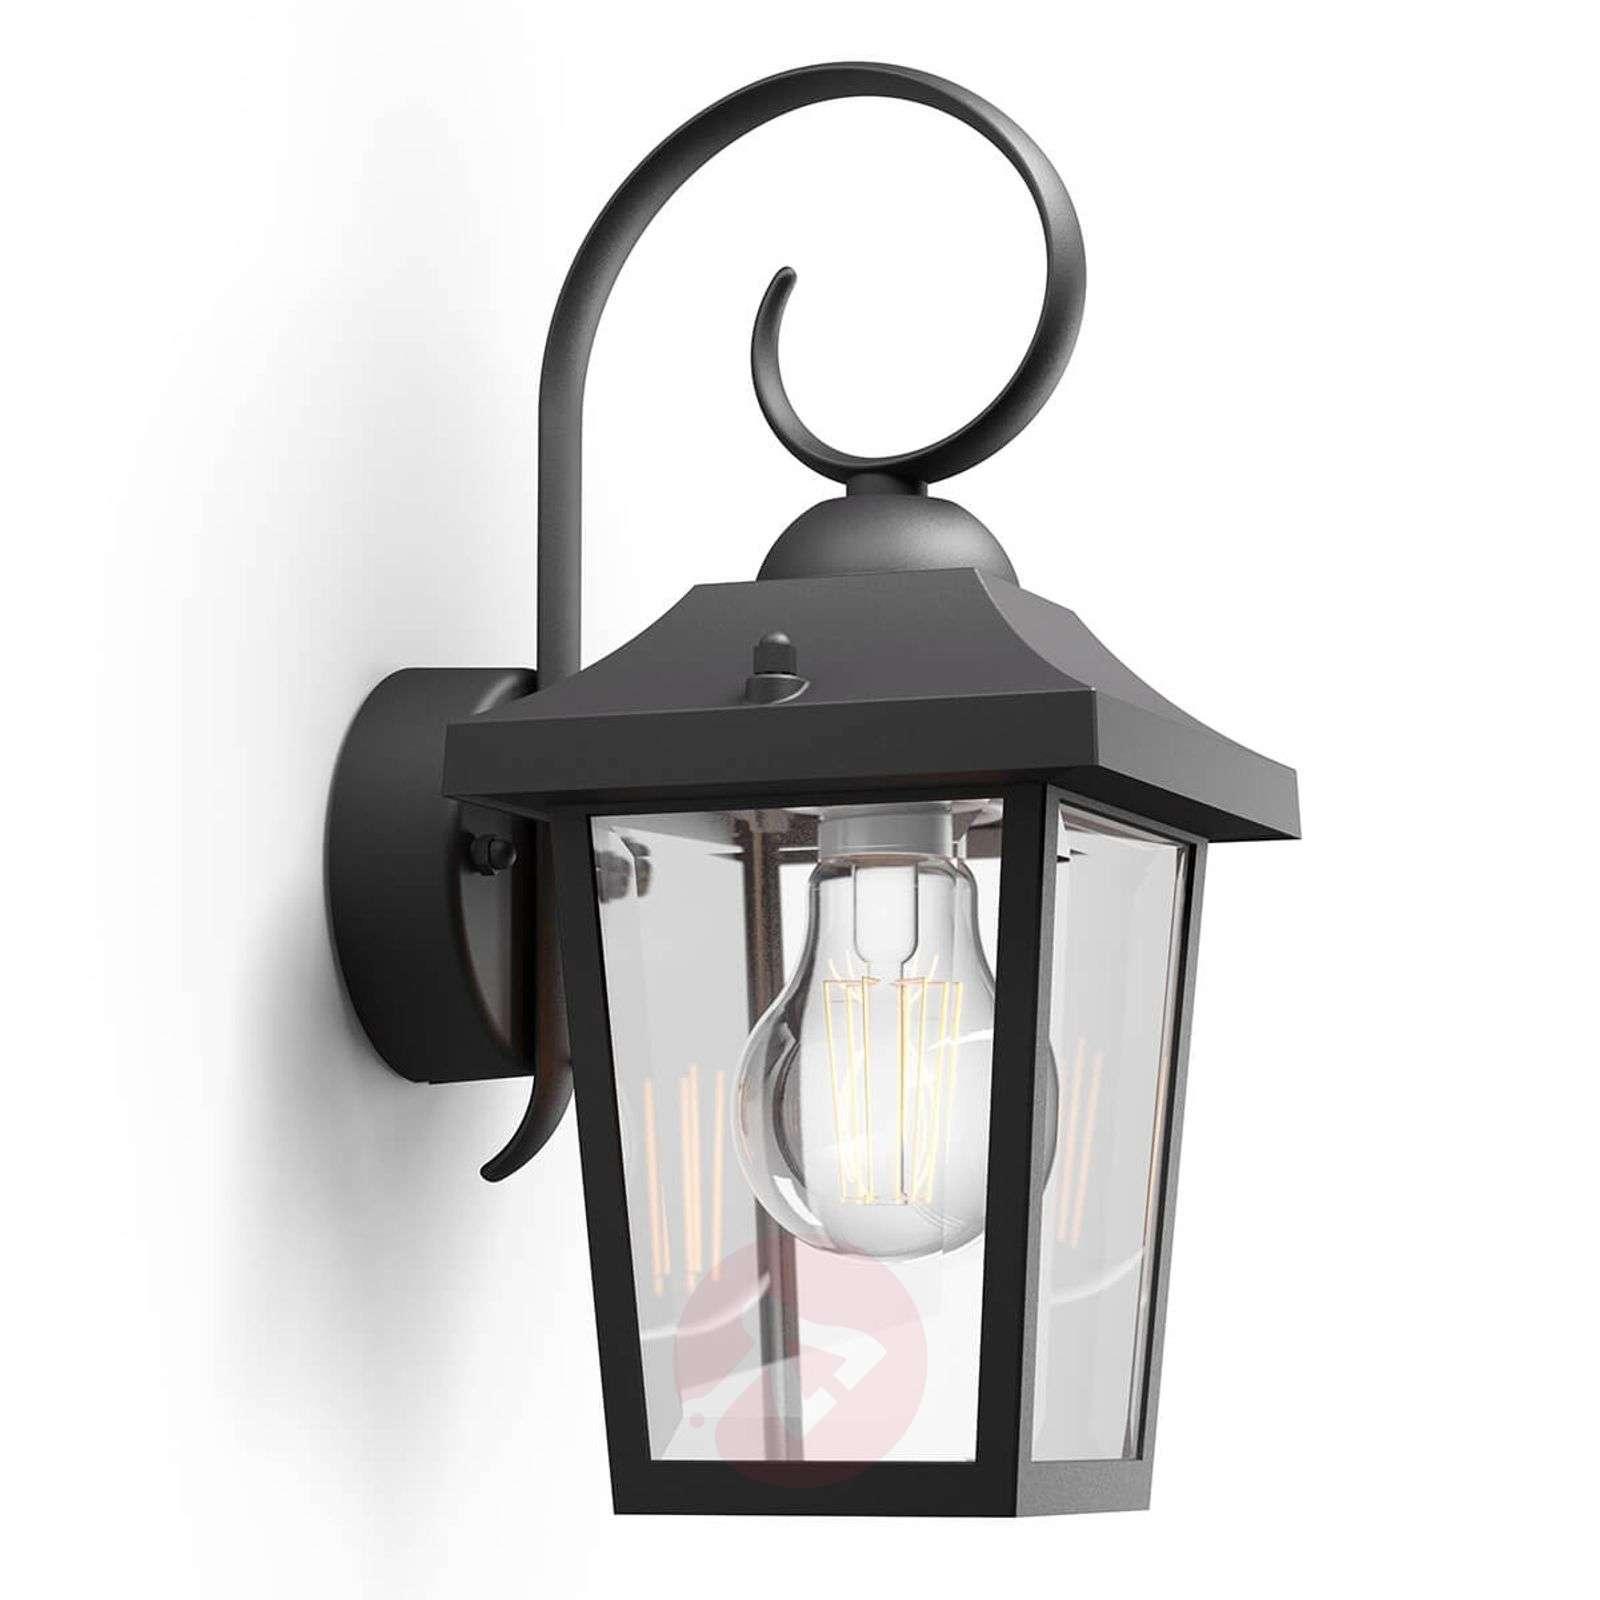 Buzzard myGarden black outdoor wall lamp-7531955-01